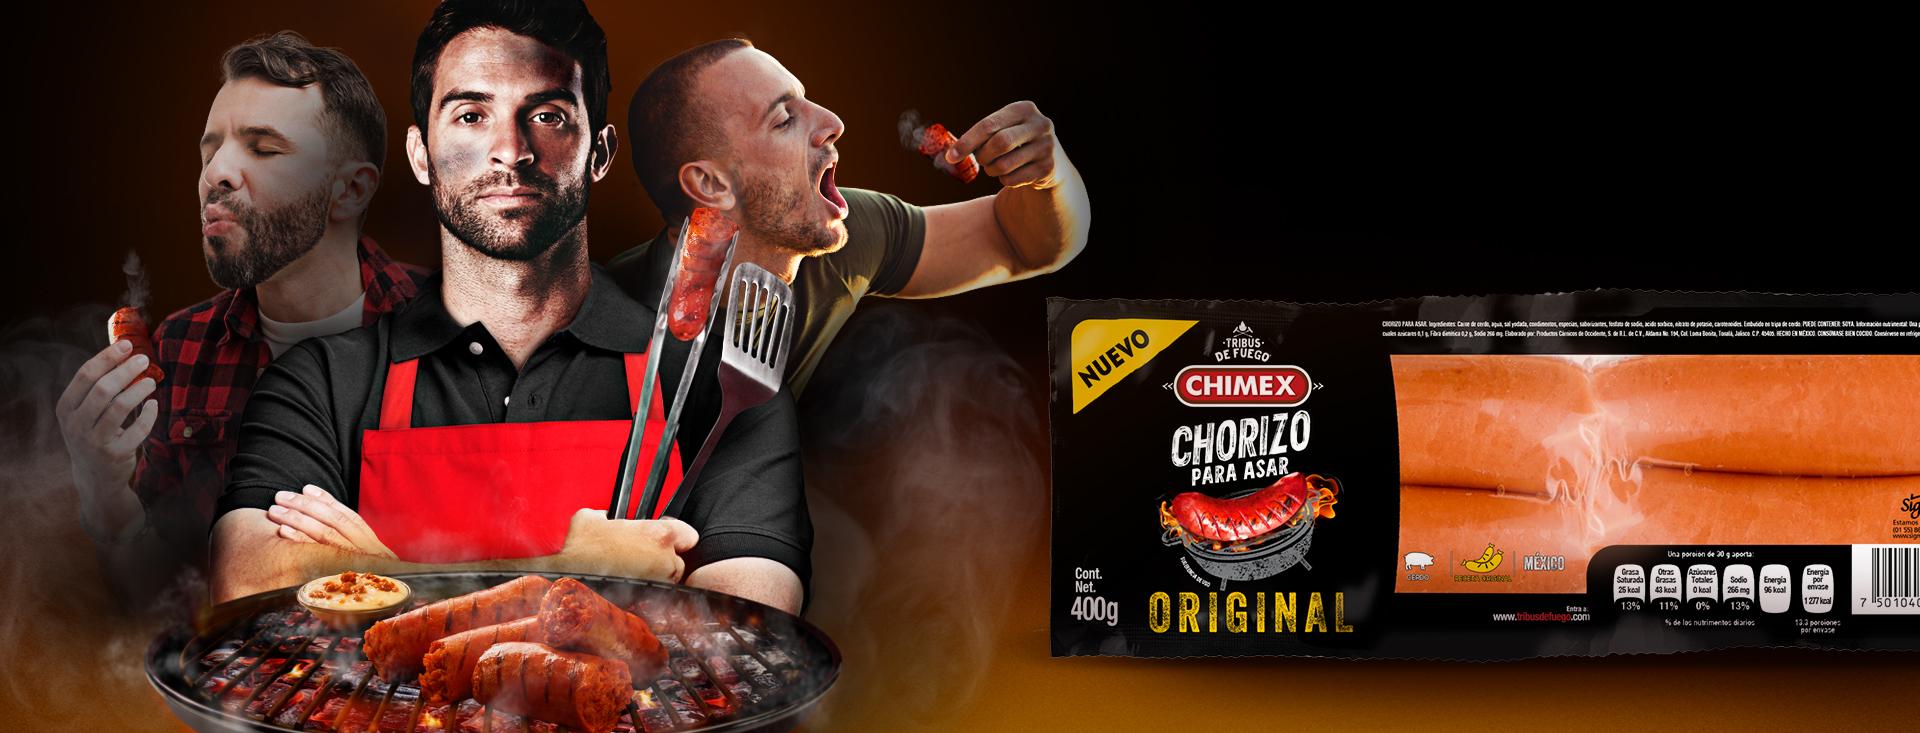 Chorizo para Asar Original